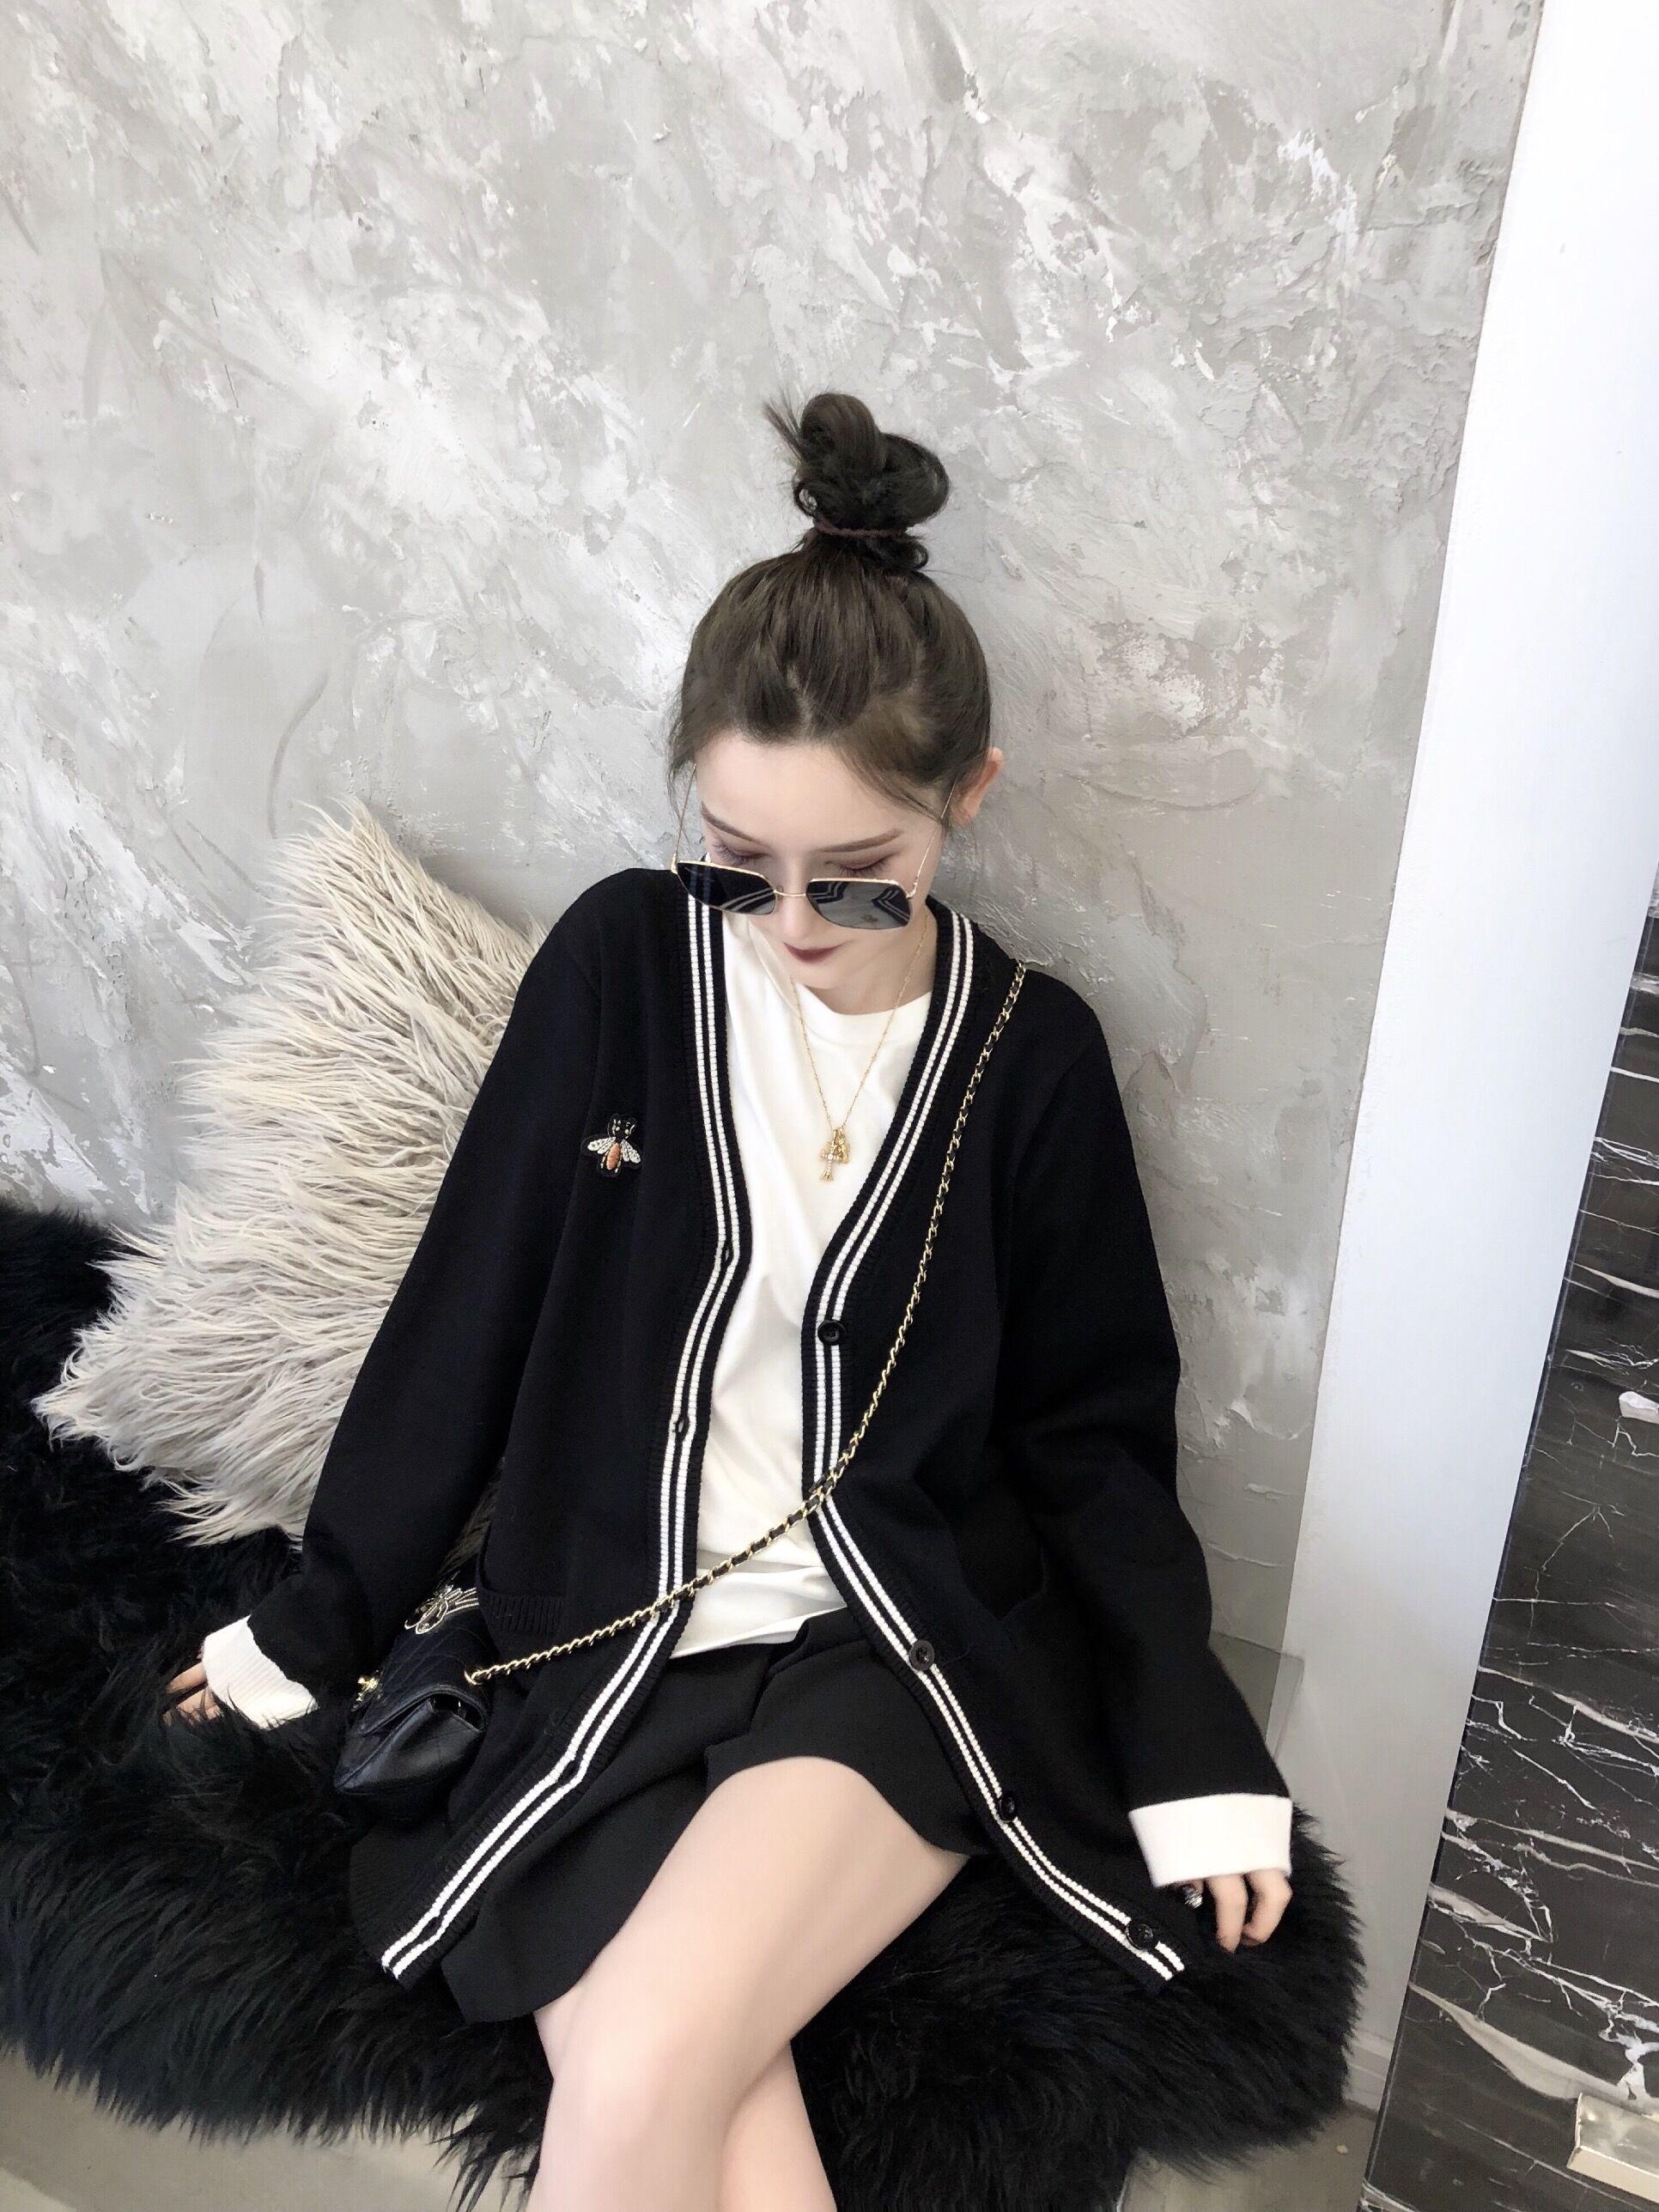 CHICYOU bee màu đen và trắng hai màu cao đẳng gió hoang dã len kết cấu tốt áo len đan áo khoác cardigan